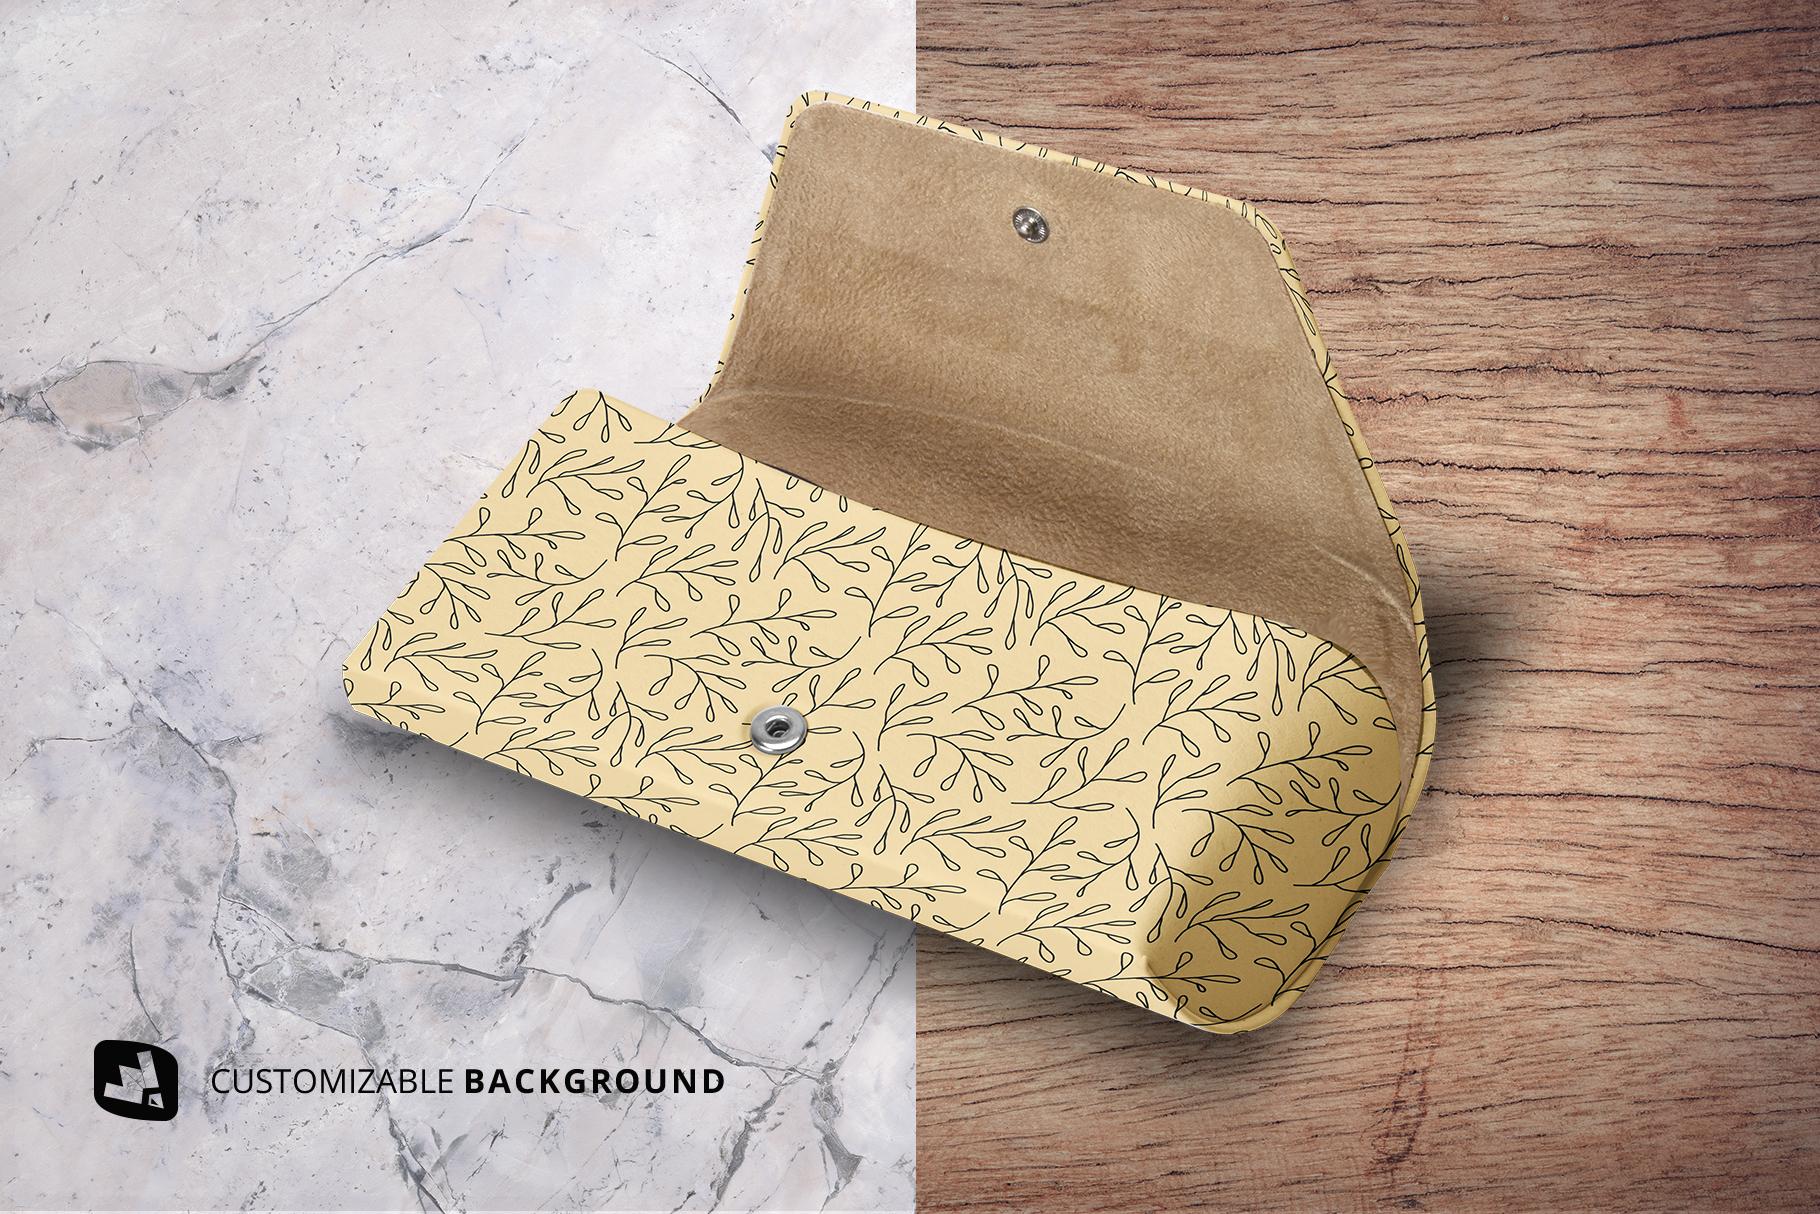 background options of the leather eyewear box mockup